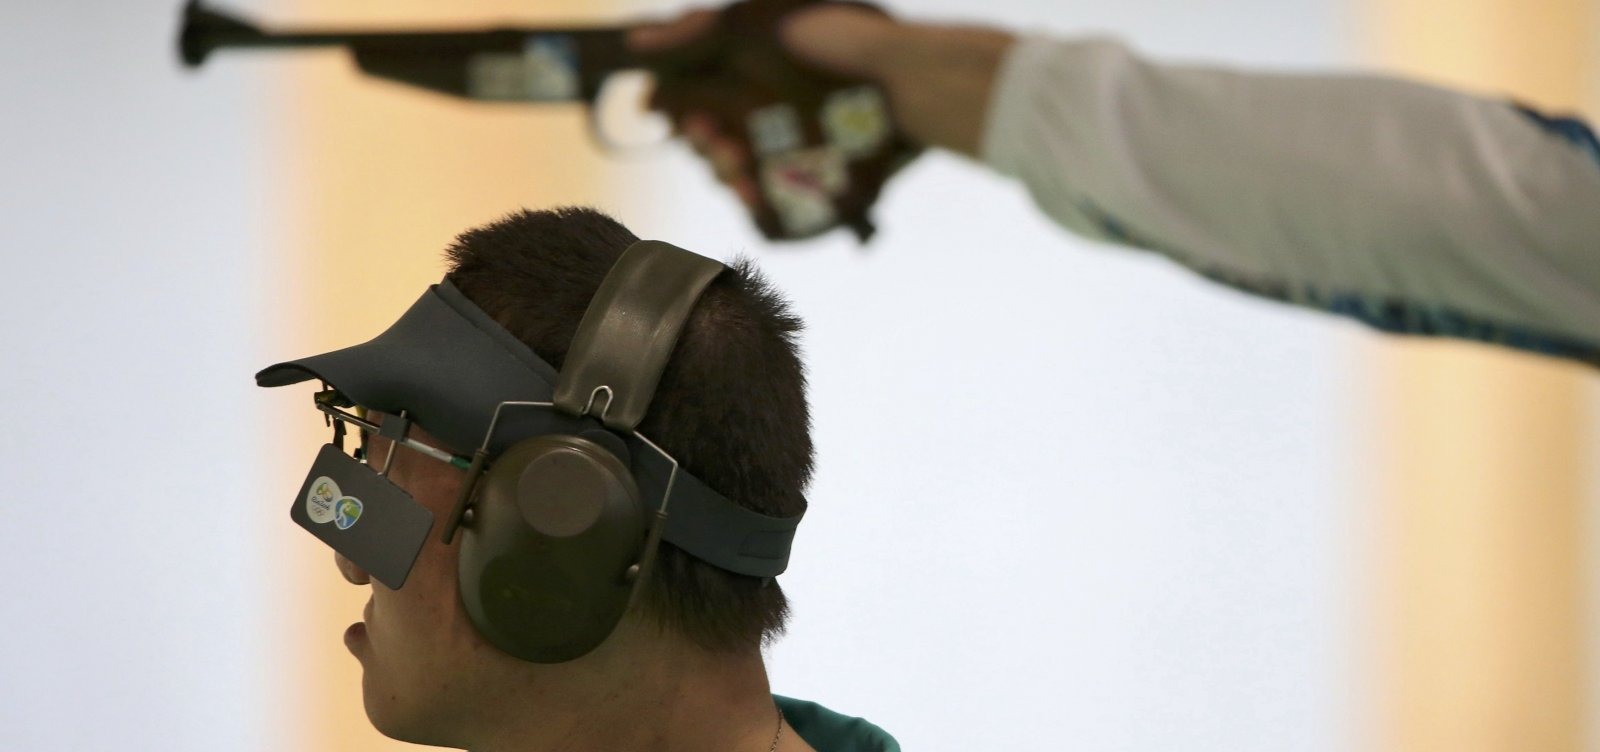 Com novo decreto, maiores de 14 anos podem praticar tiro com autorização dos dois pais